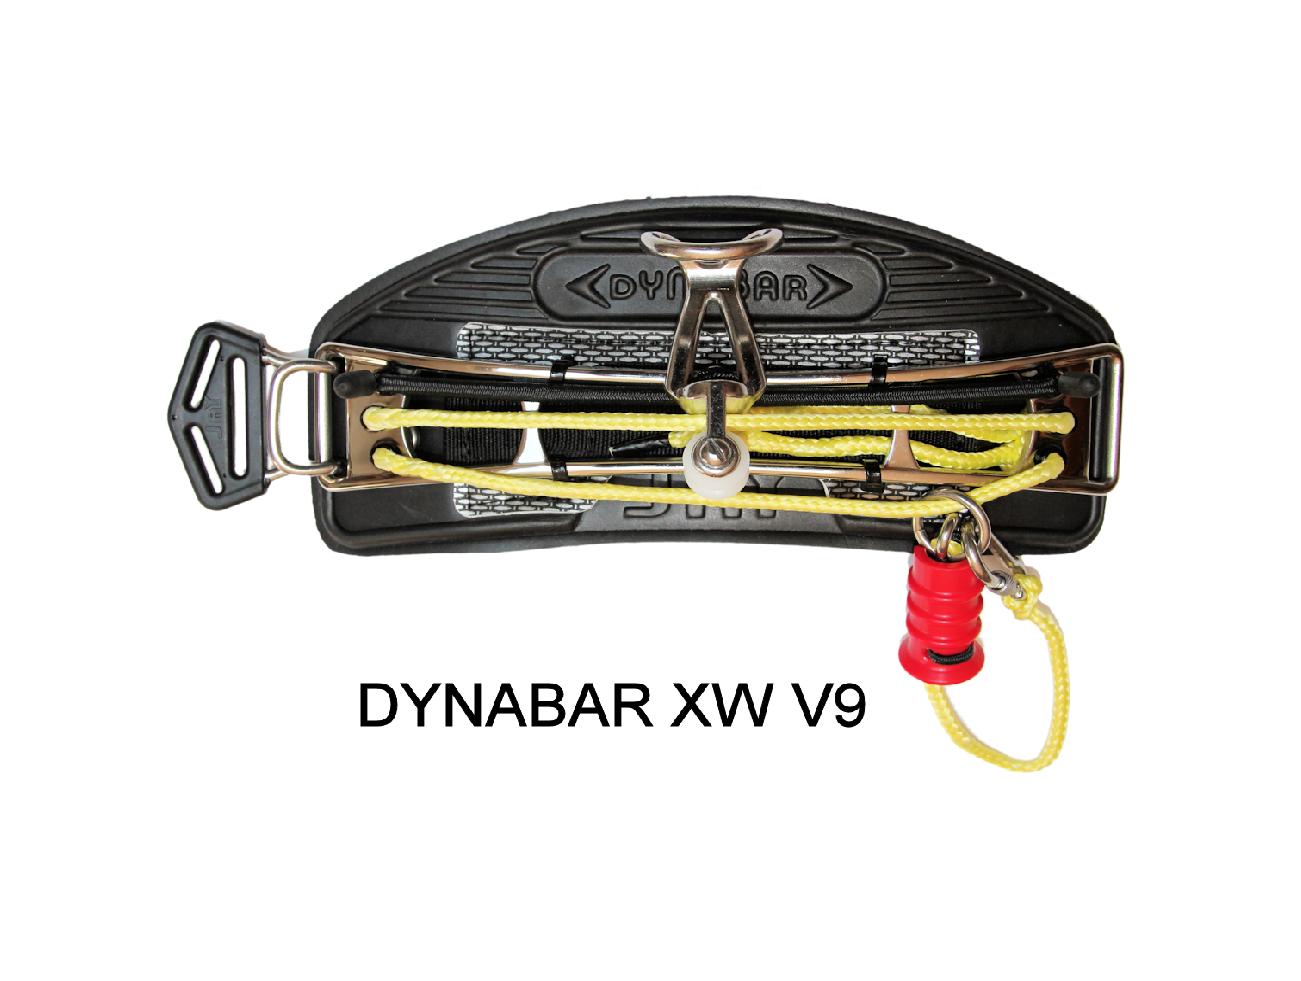 DynaBar XW V9